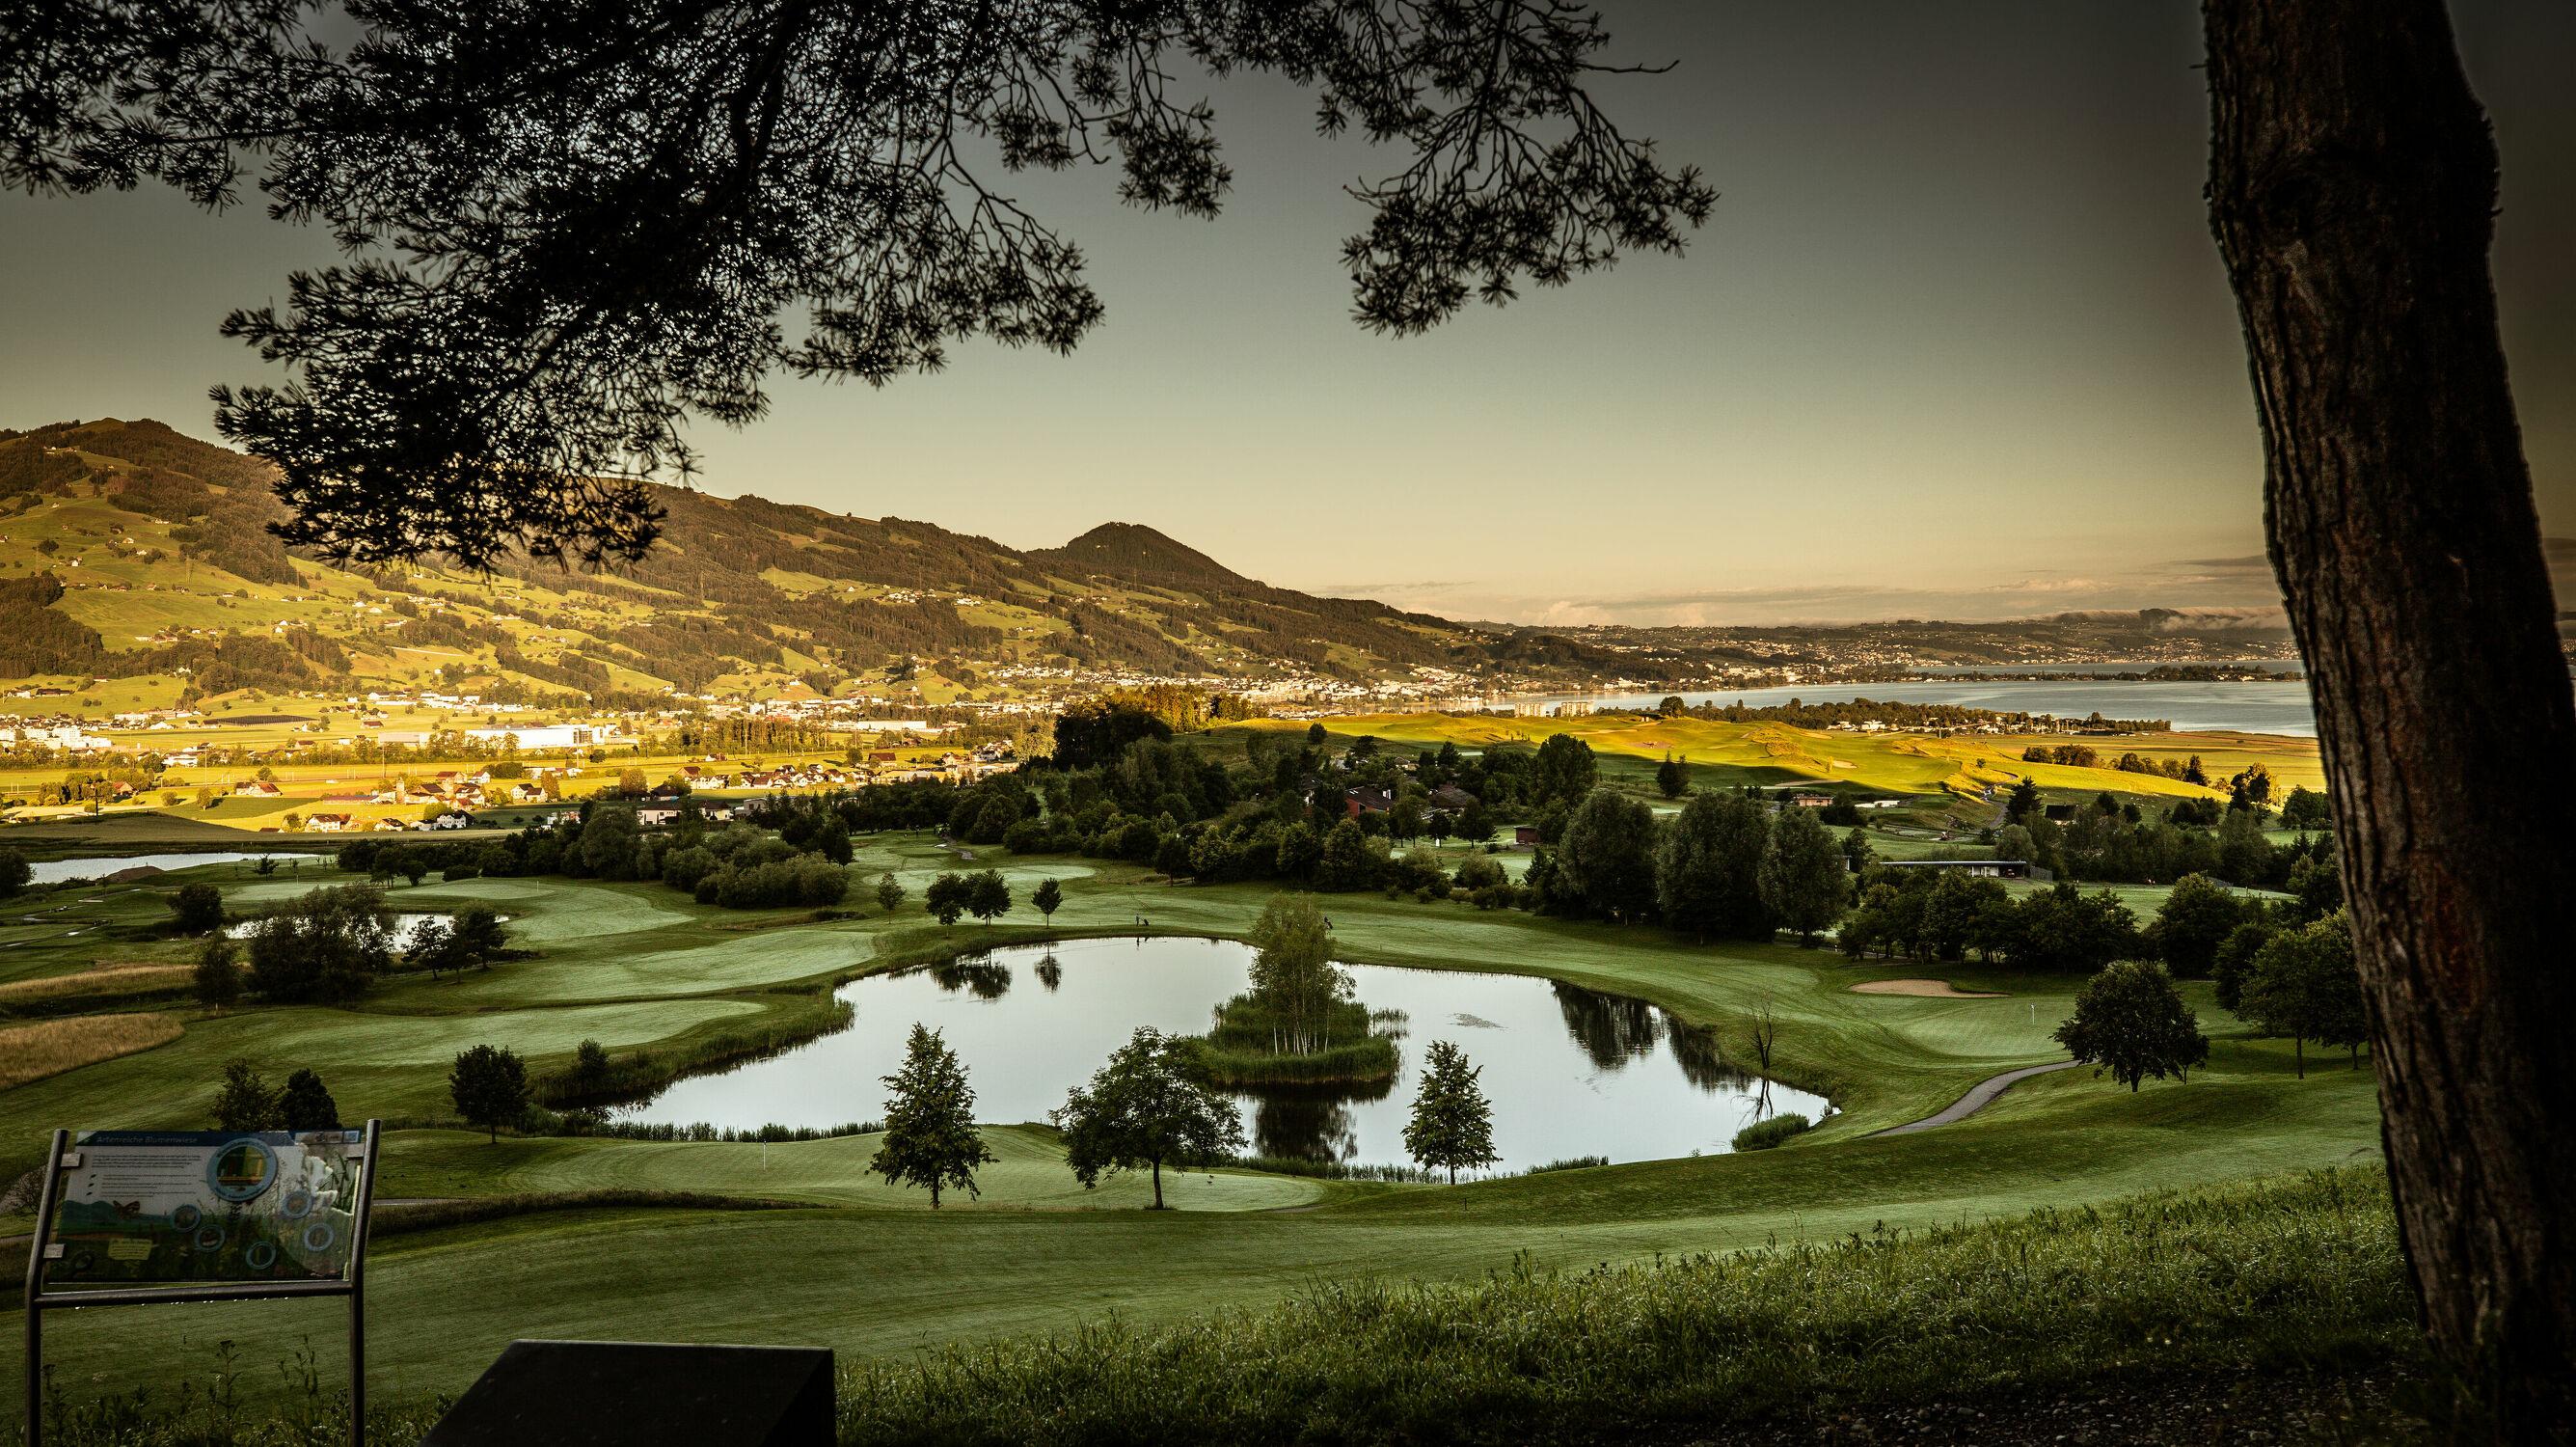 Bild mit Landschaftspanorama, Teich, Morgenstimmung, Linthebene